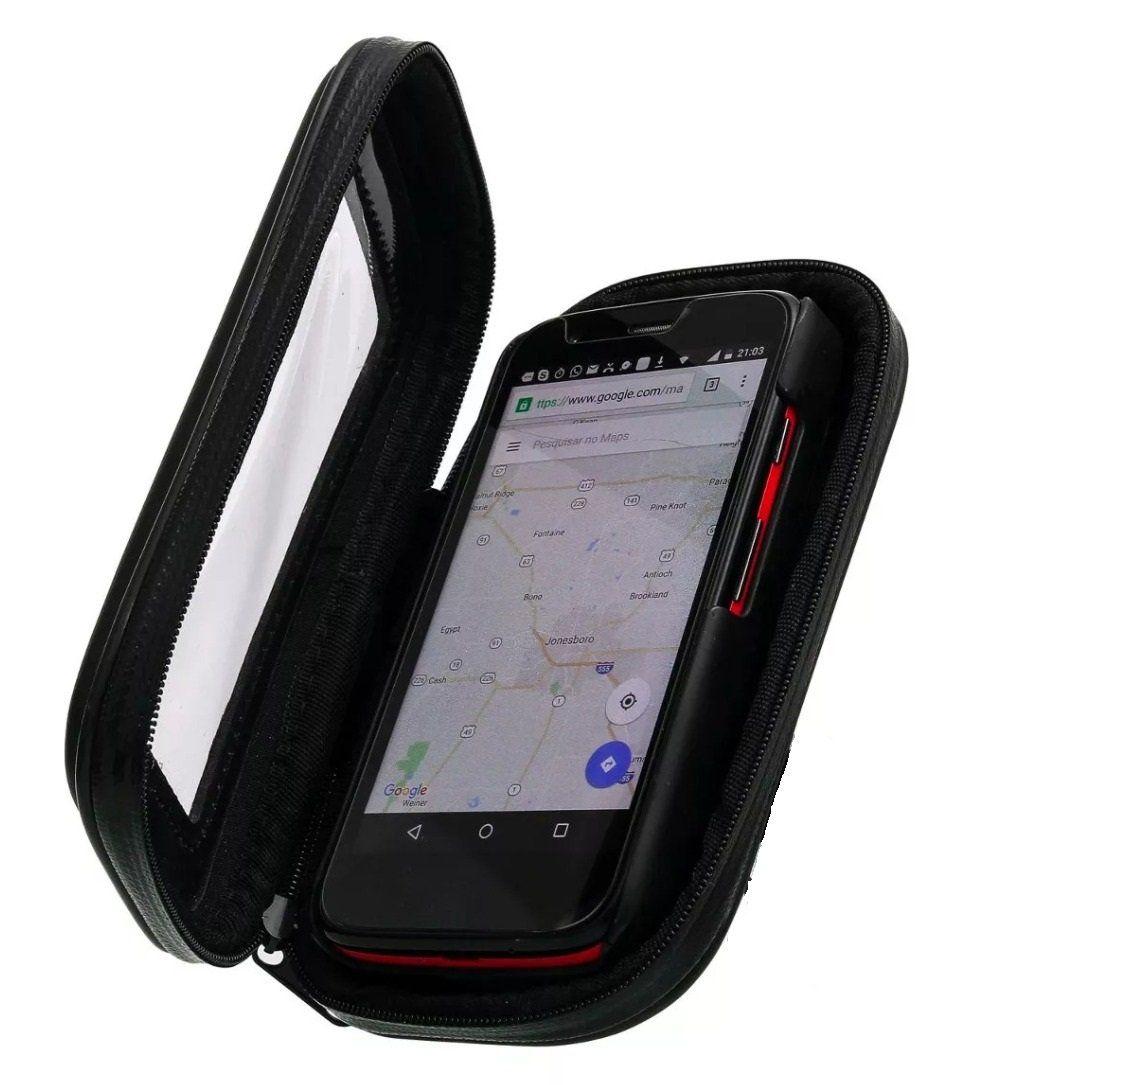 Suporte Capa Celular Moto Prova D´água Impermeável Smartphone Tela 6.3